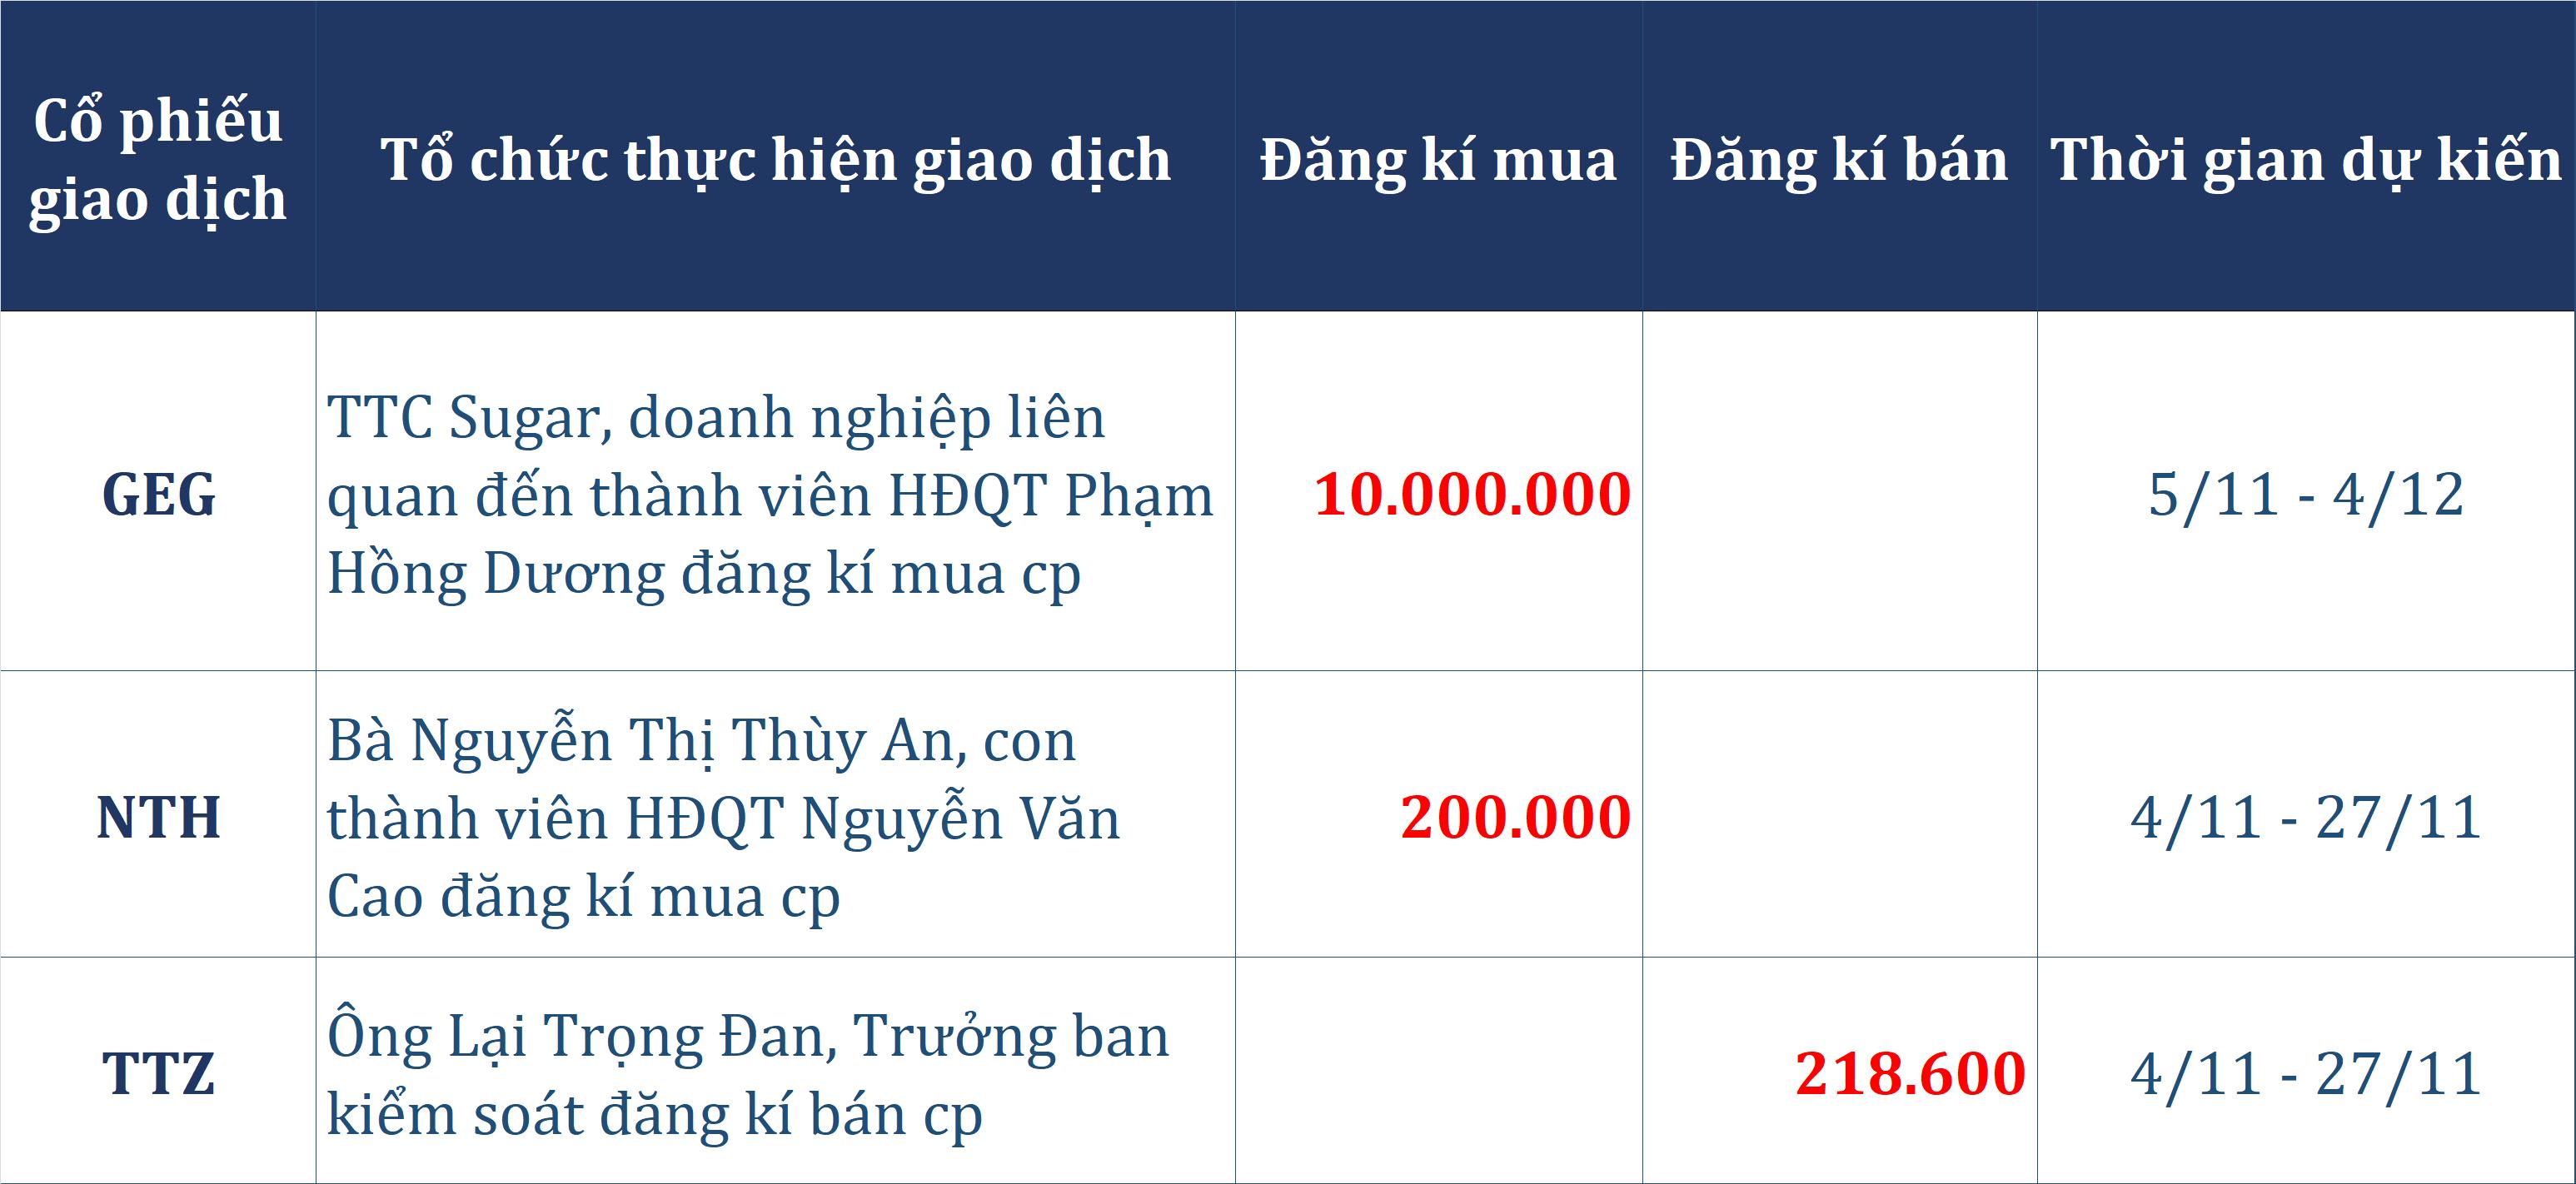 Dòng tiền thông minh 3/11: Tự doanh gom trăm tỉ phiên thứ tư liên tiếp bất chấp đà bán ròng tứ khối ngoại - Ảnh 2.